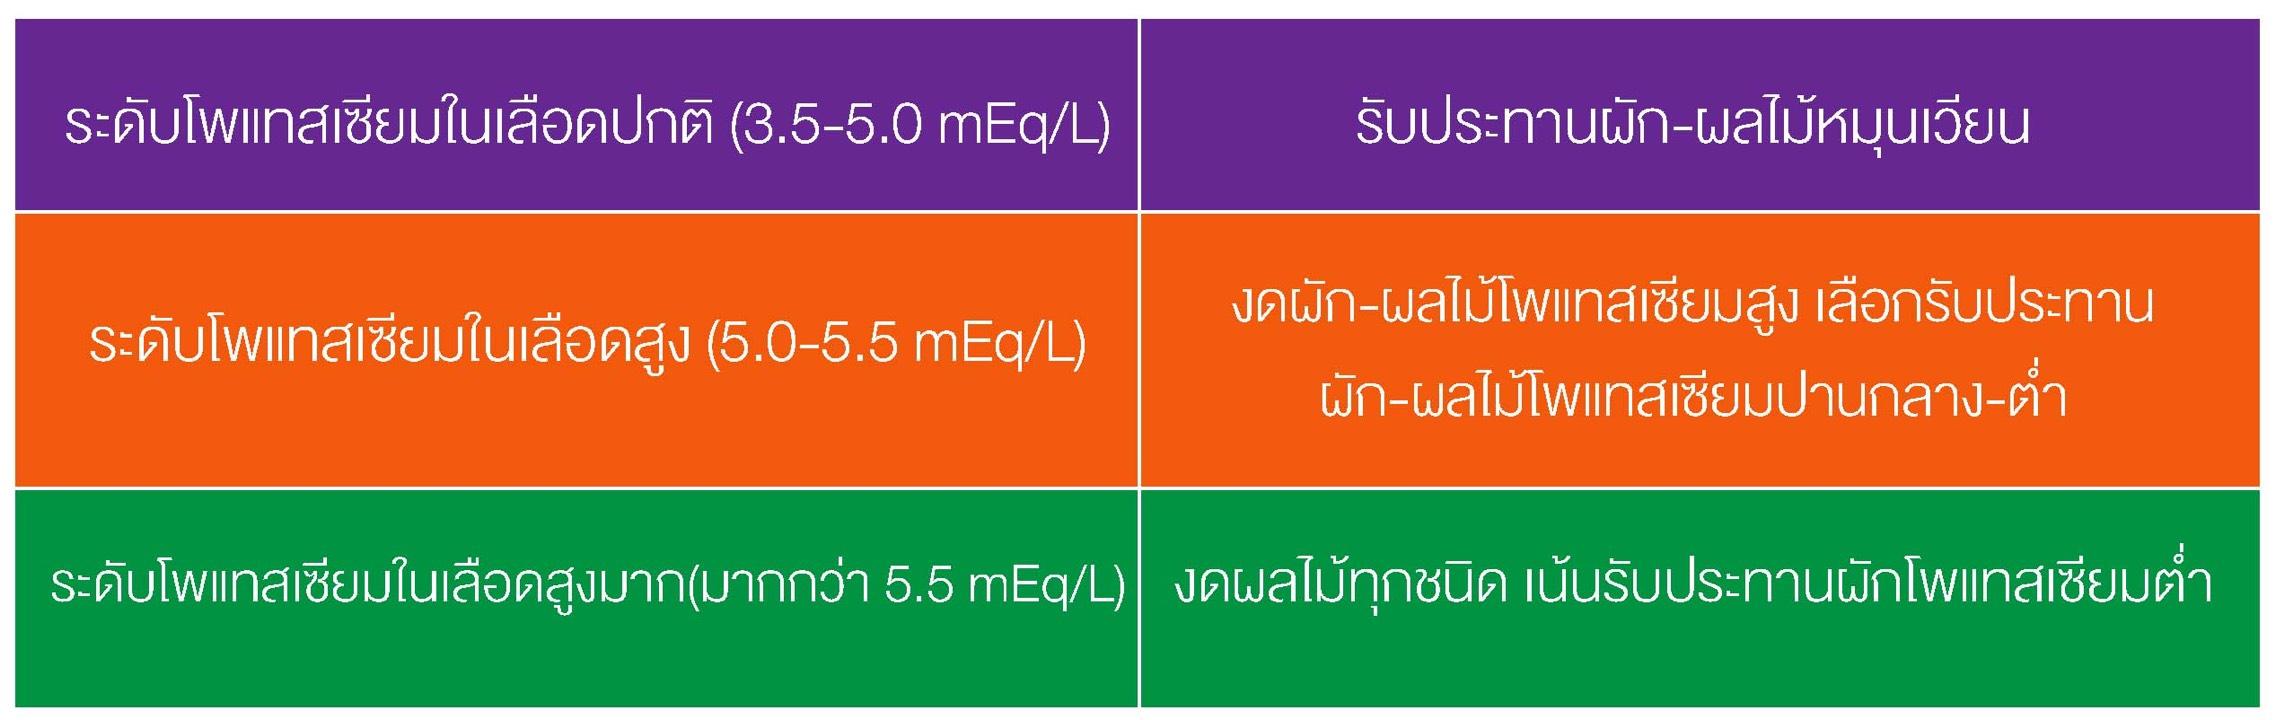 agel-umi-อาหารเสริม-บำรุงไต-อูมิ-ราคาสมาชิก-ราคาถูก-ไตเสื่อม-ไม่อยากฟอกไต-รักษา-โรคไต